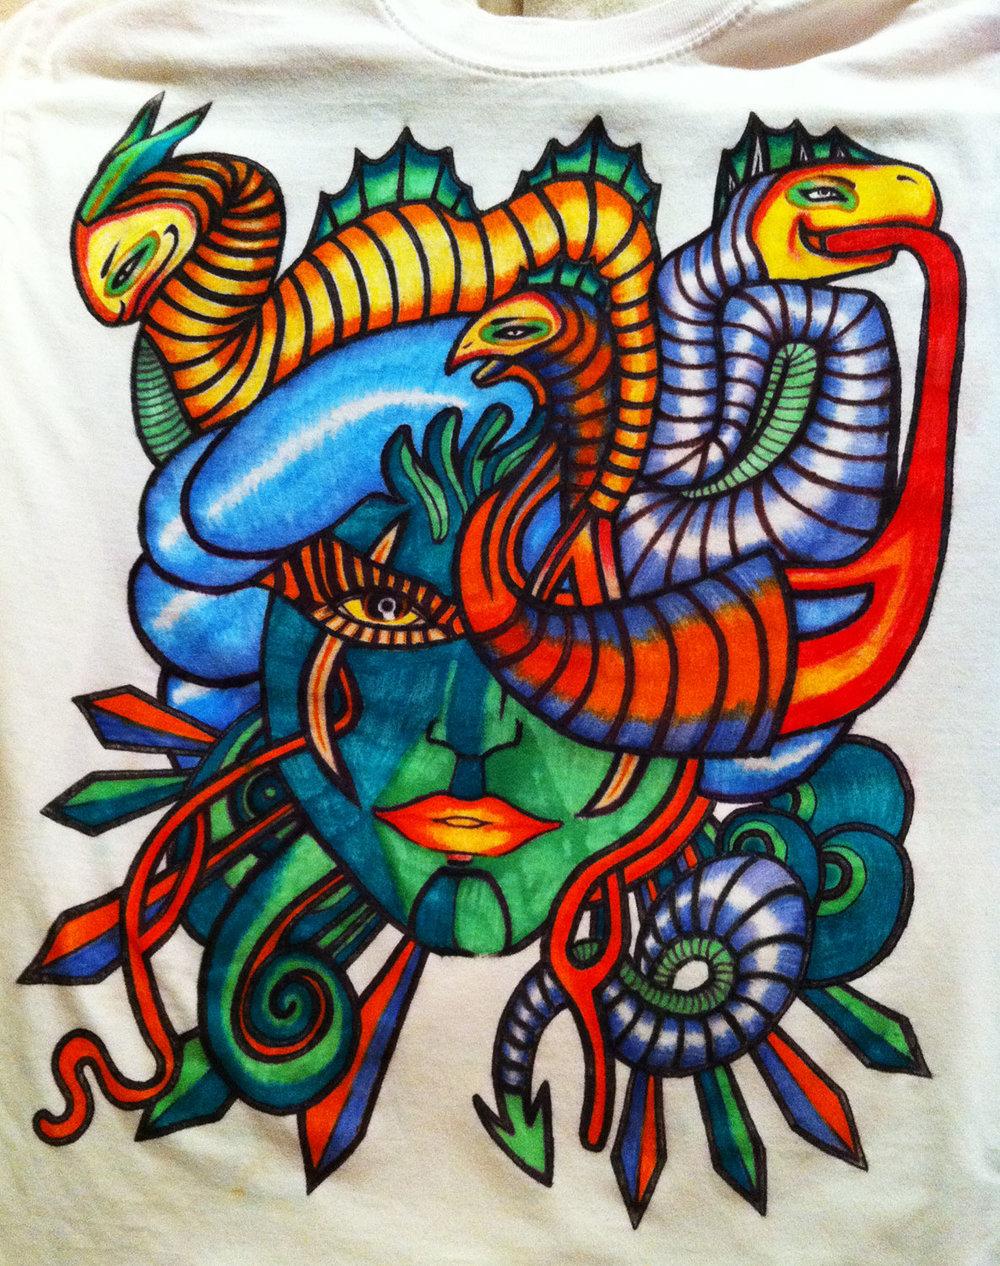 Tee Juice artwork on t-shirt